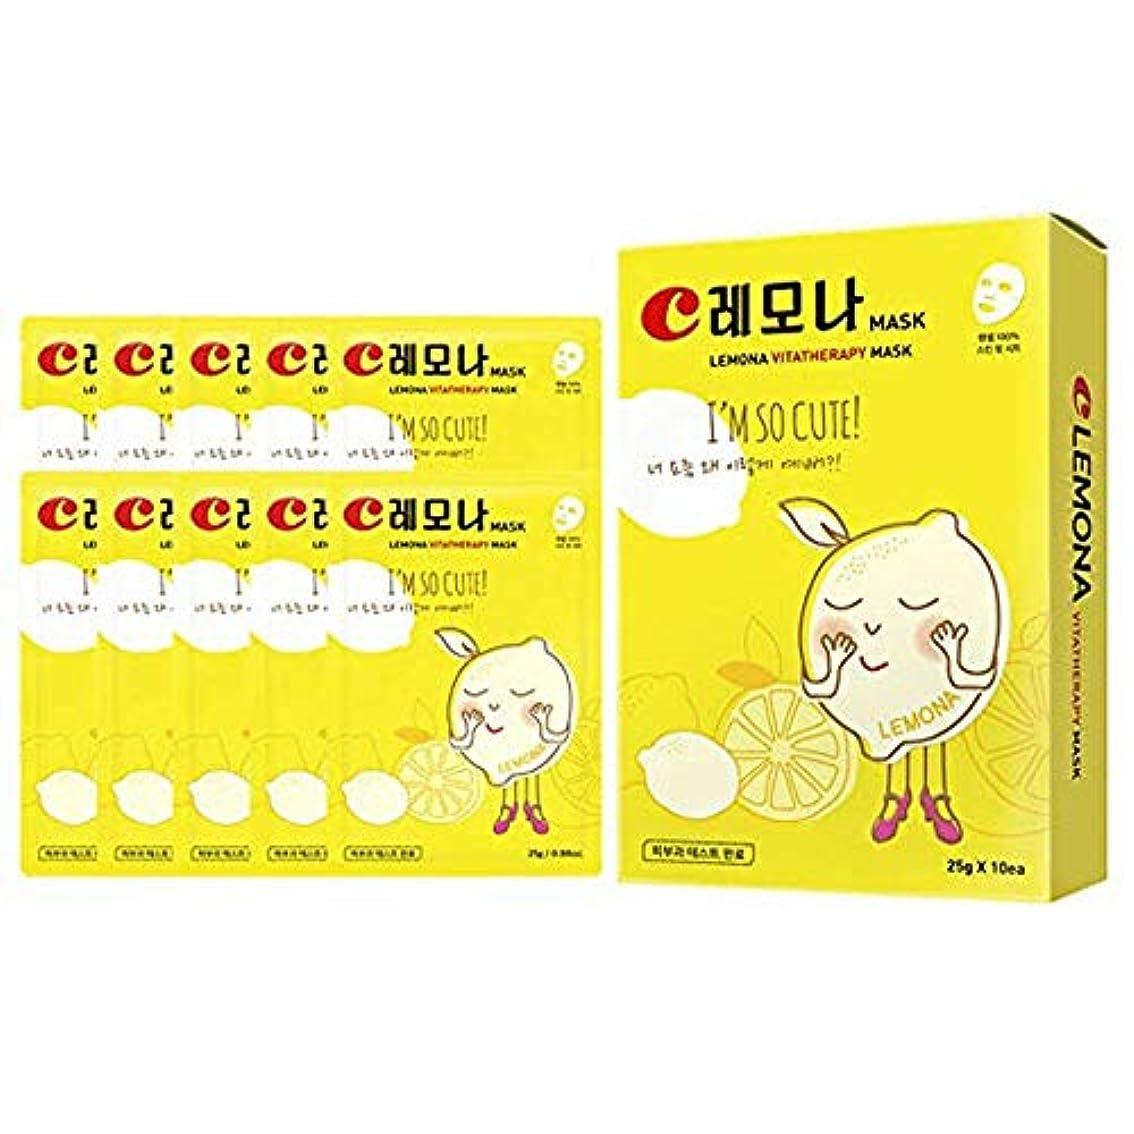 噴水線ホップ[MISOWEOL]レモナビタミンマスクパック[並行輸入品](345g) : 10ea/pack [ Lemona Vita Therapy Mask(345g) : 10ea/pack ]